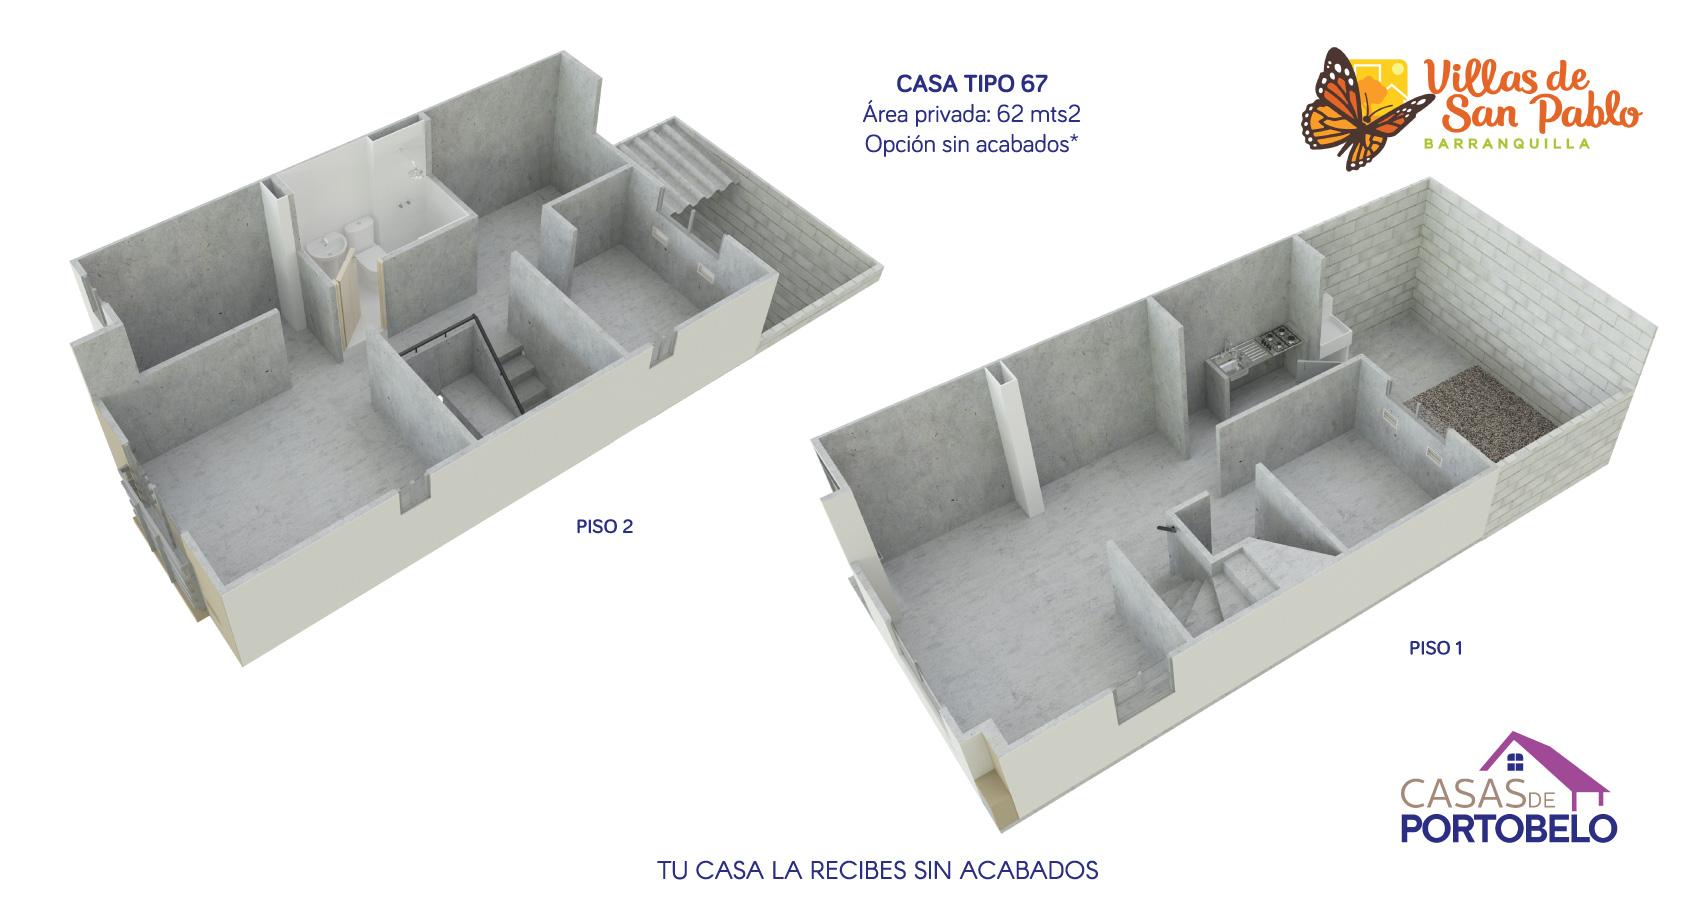 Casas de portobello vivienda constructora Bolívar Barranquilla